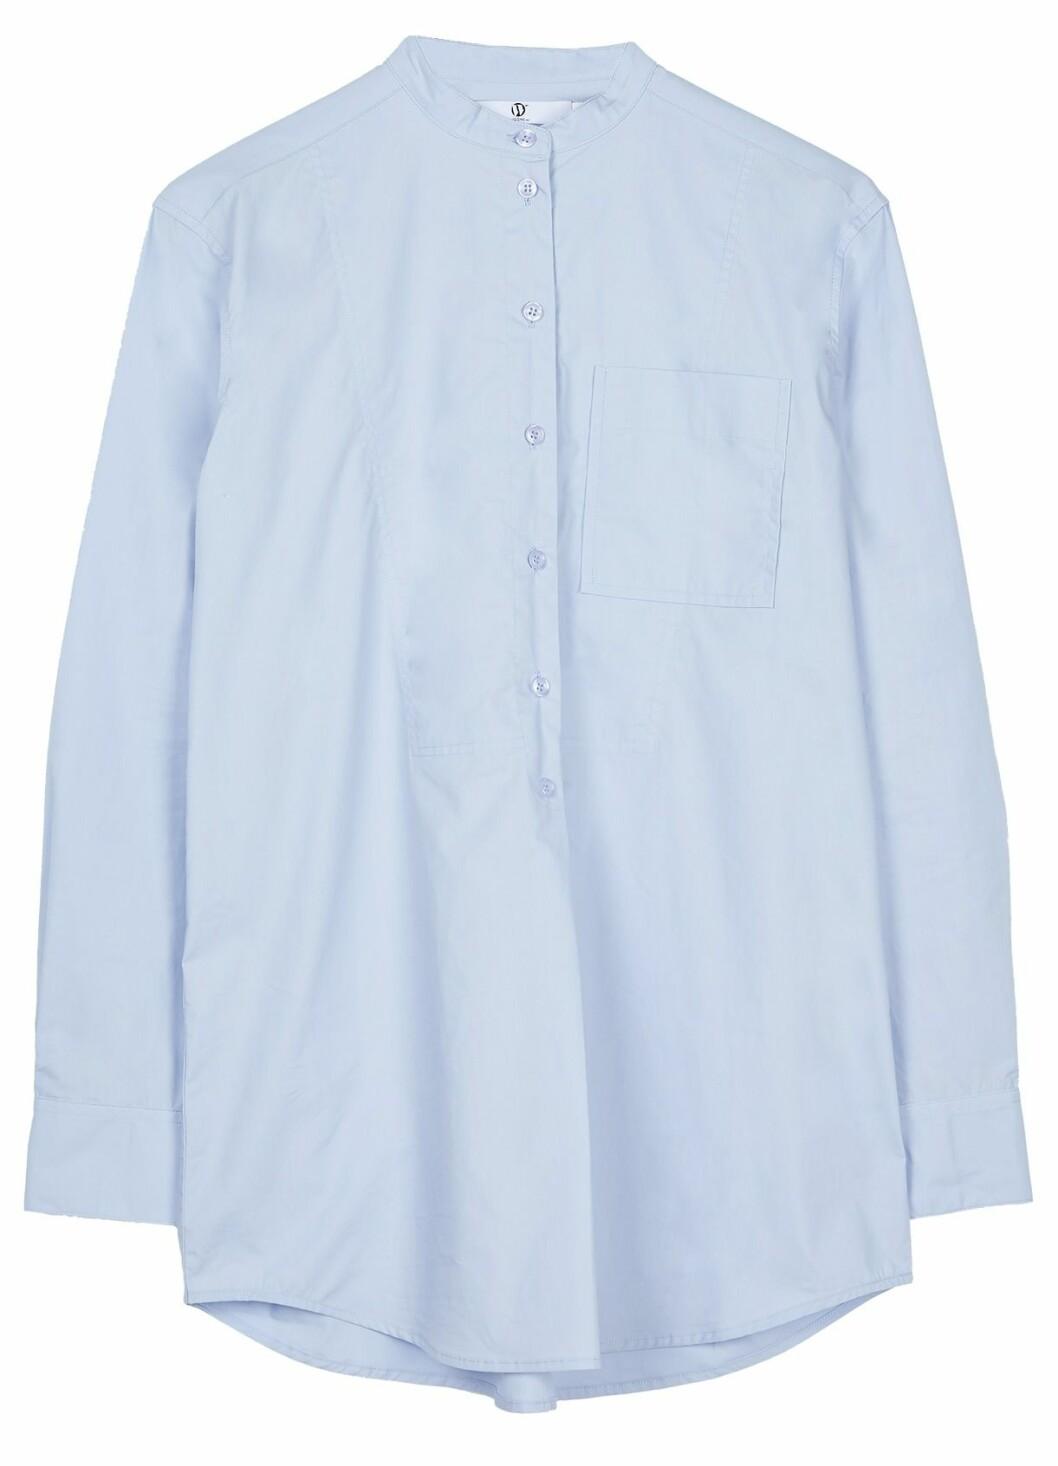 Ljusblå vardagsskjorta utan krage